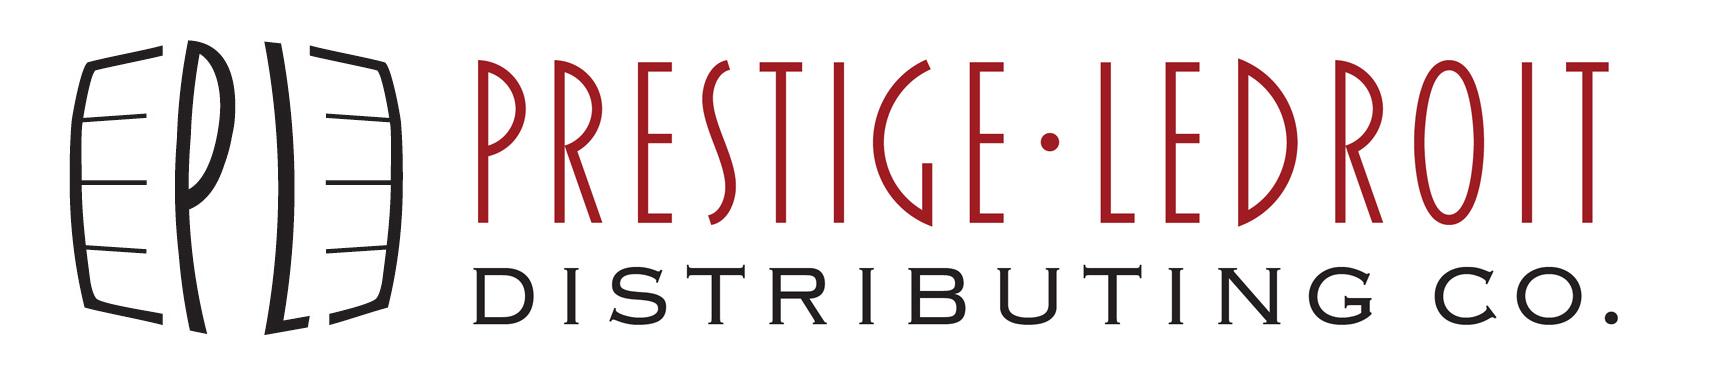 Prestige Ledroit Distributing Co